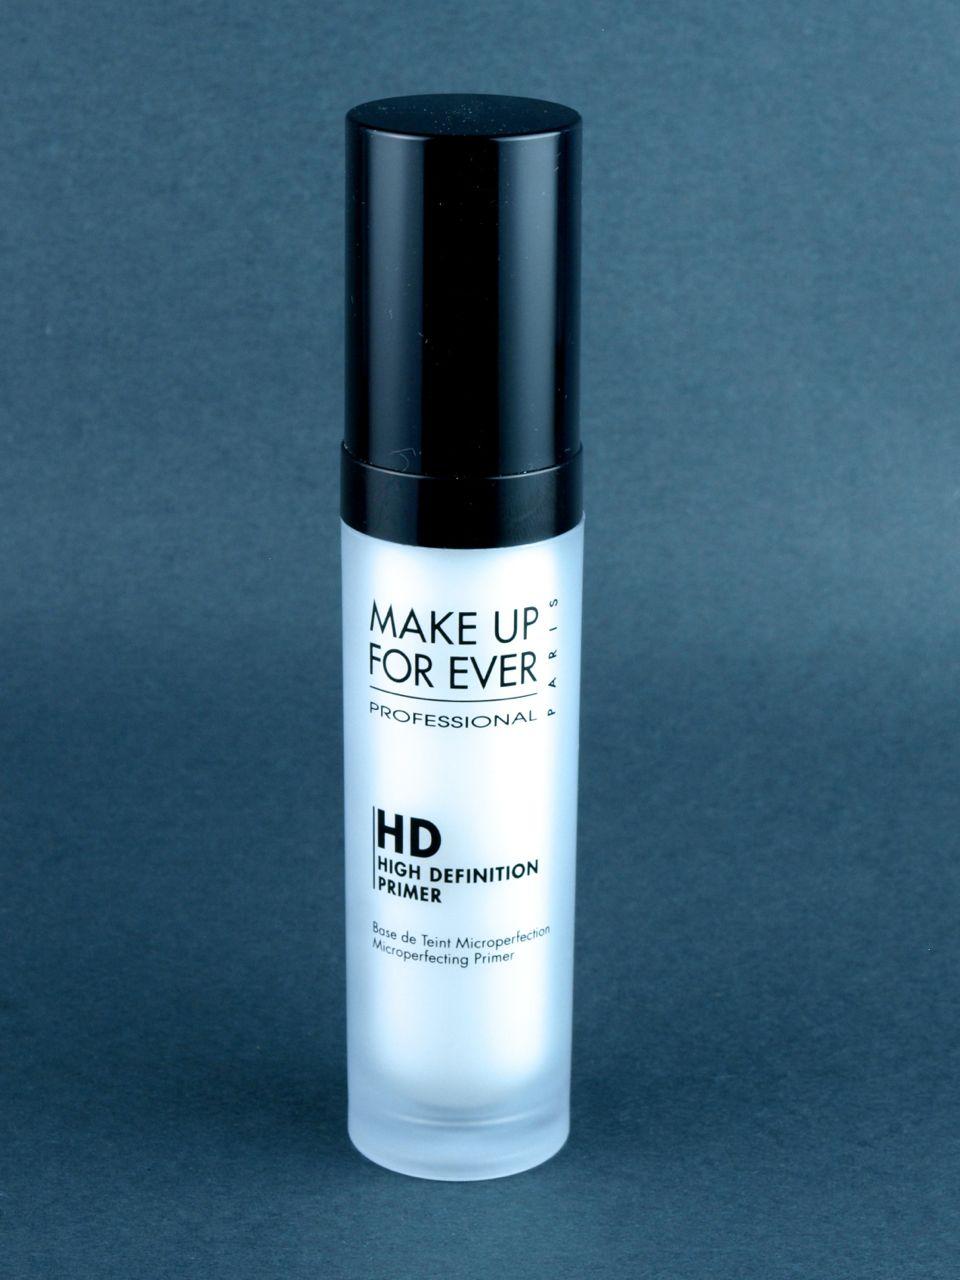 Makeup forever hd primer 0